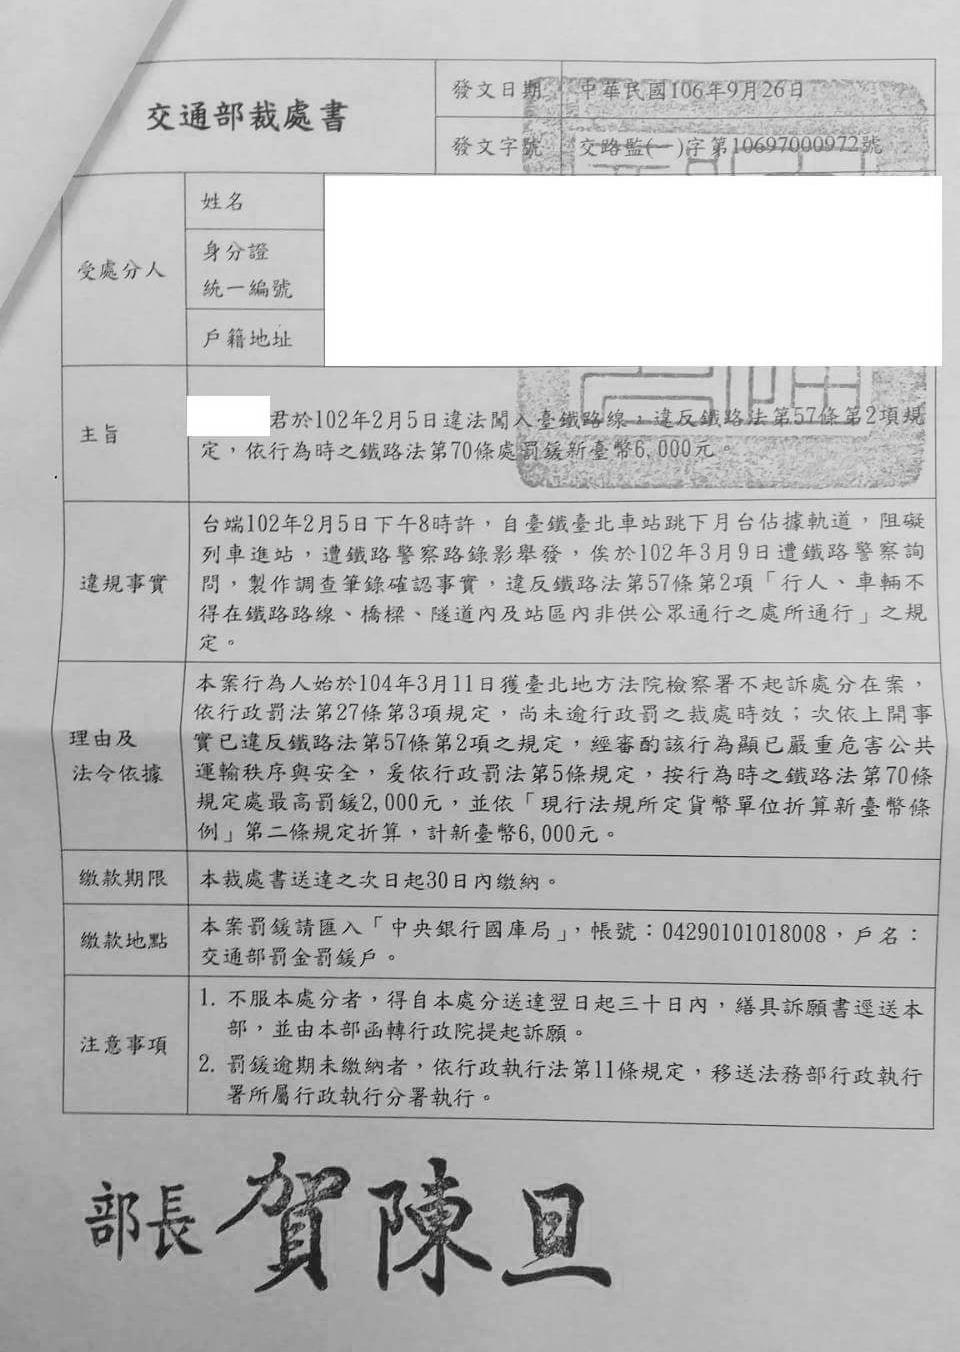 交通部針對四年前關廠工人臥軌案祭出行政裁罰。(資料提供:全國關廠工人連線)